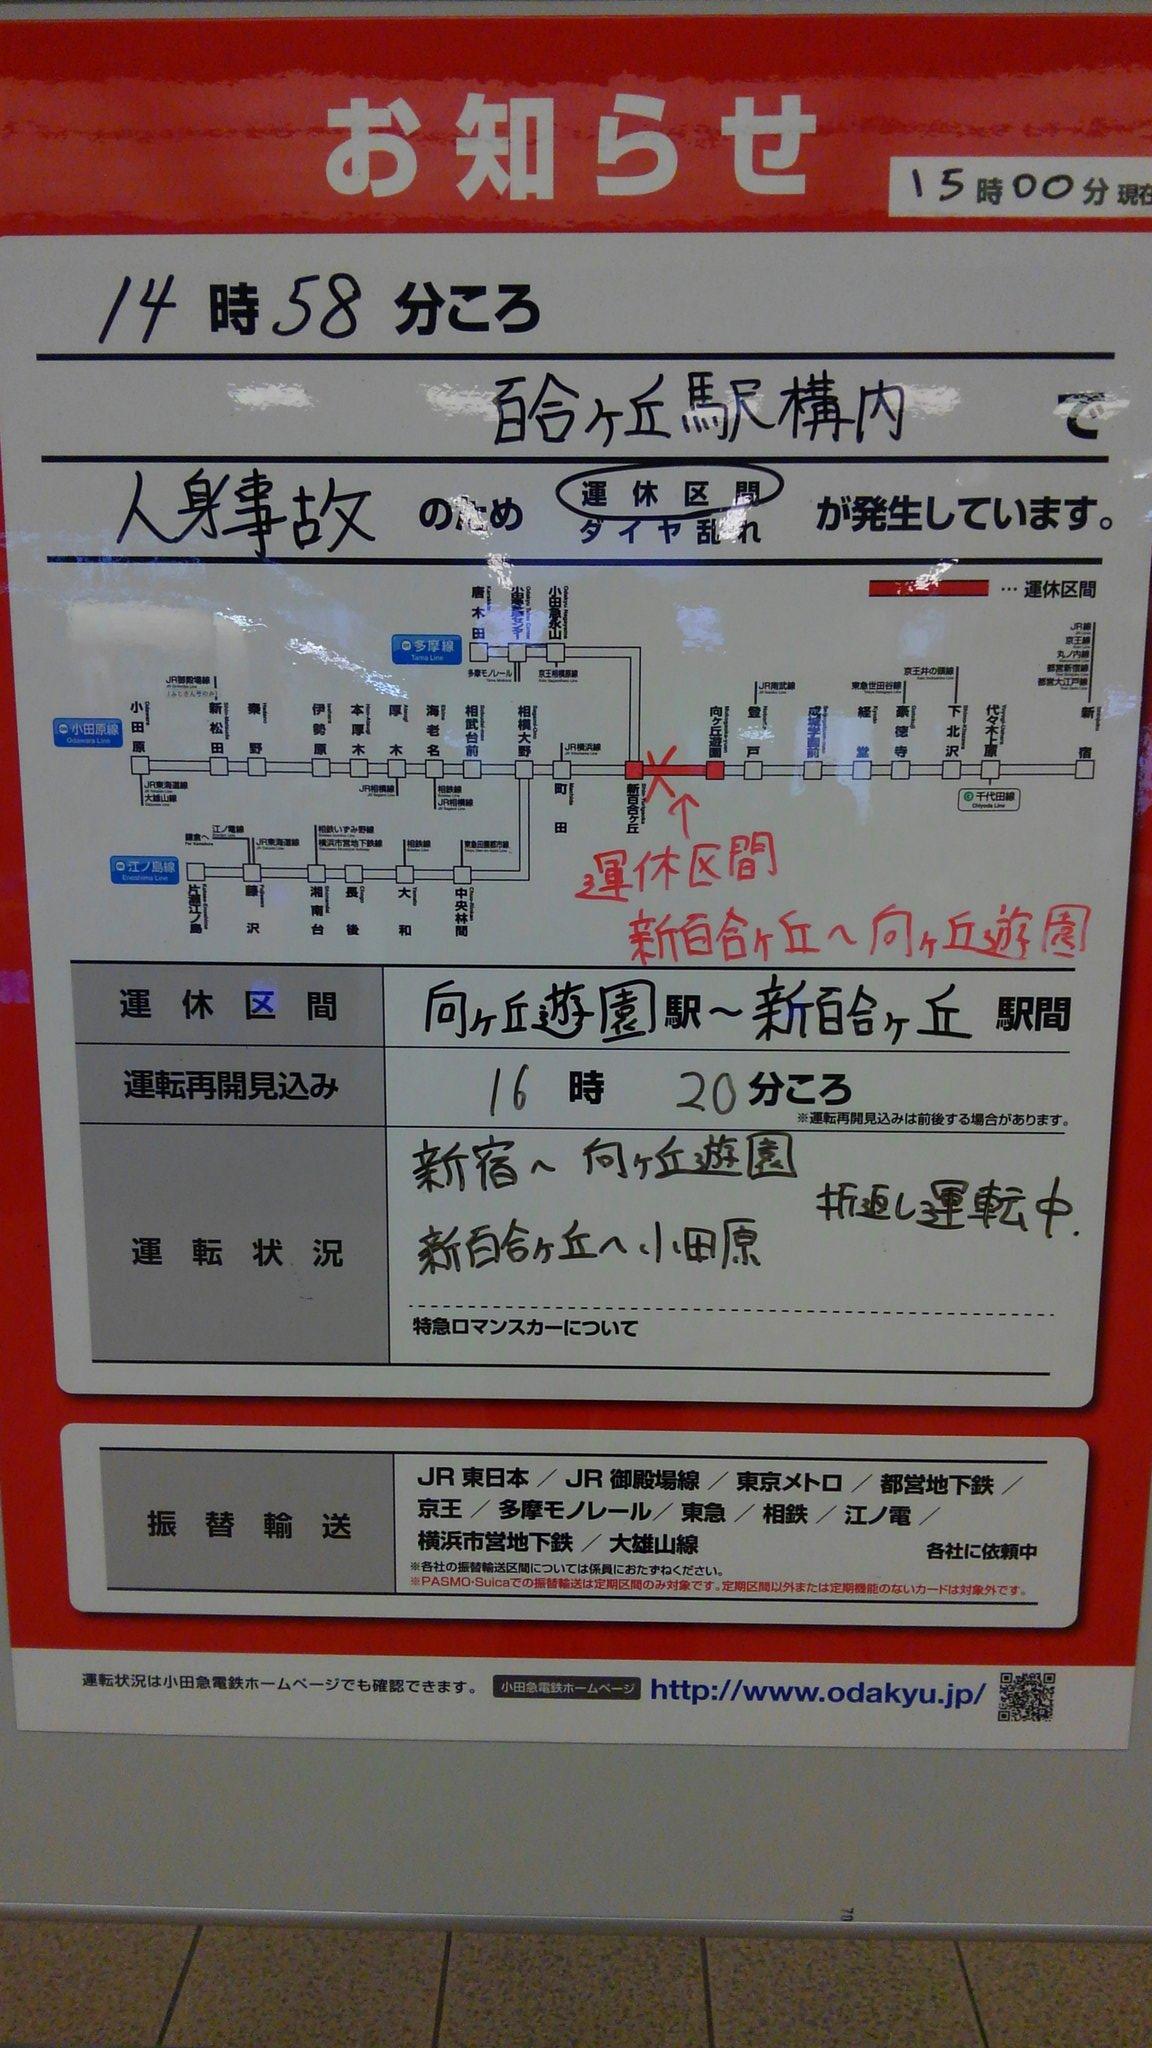 画像,小田急線、少し運転再開。でも区間運休。 #小田急 #人身事故 https://t.co/ZOHKbBuAaZ。